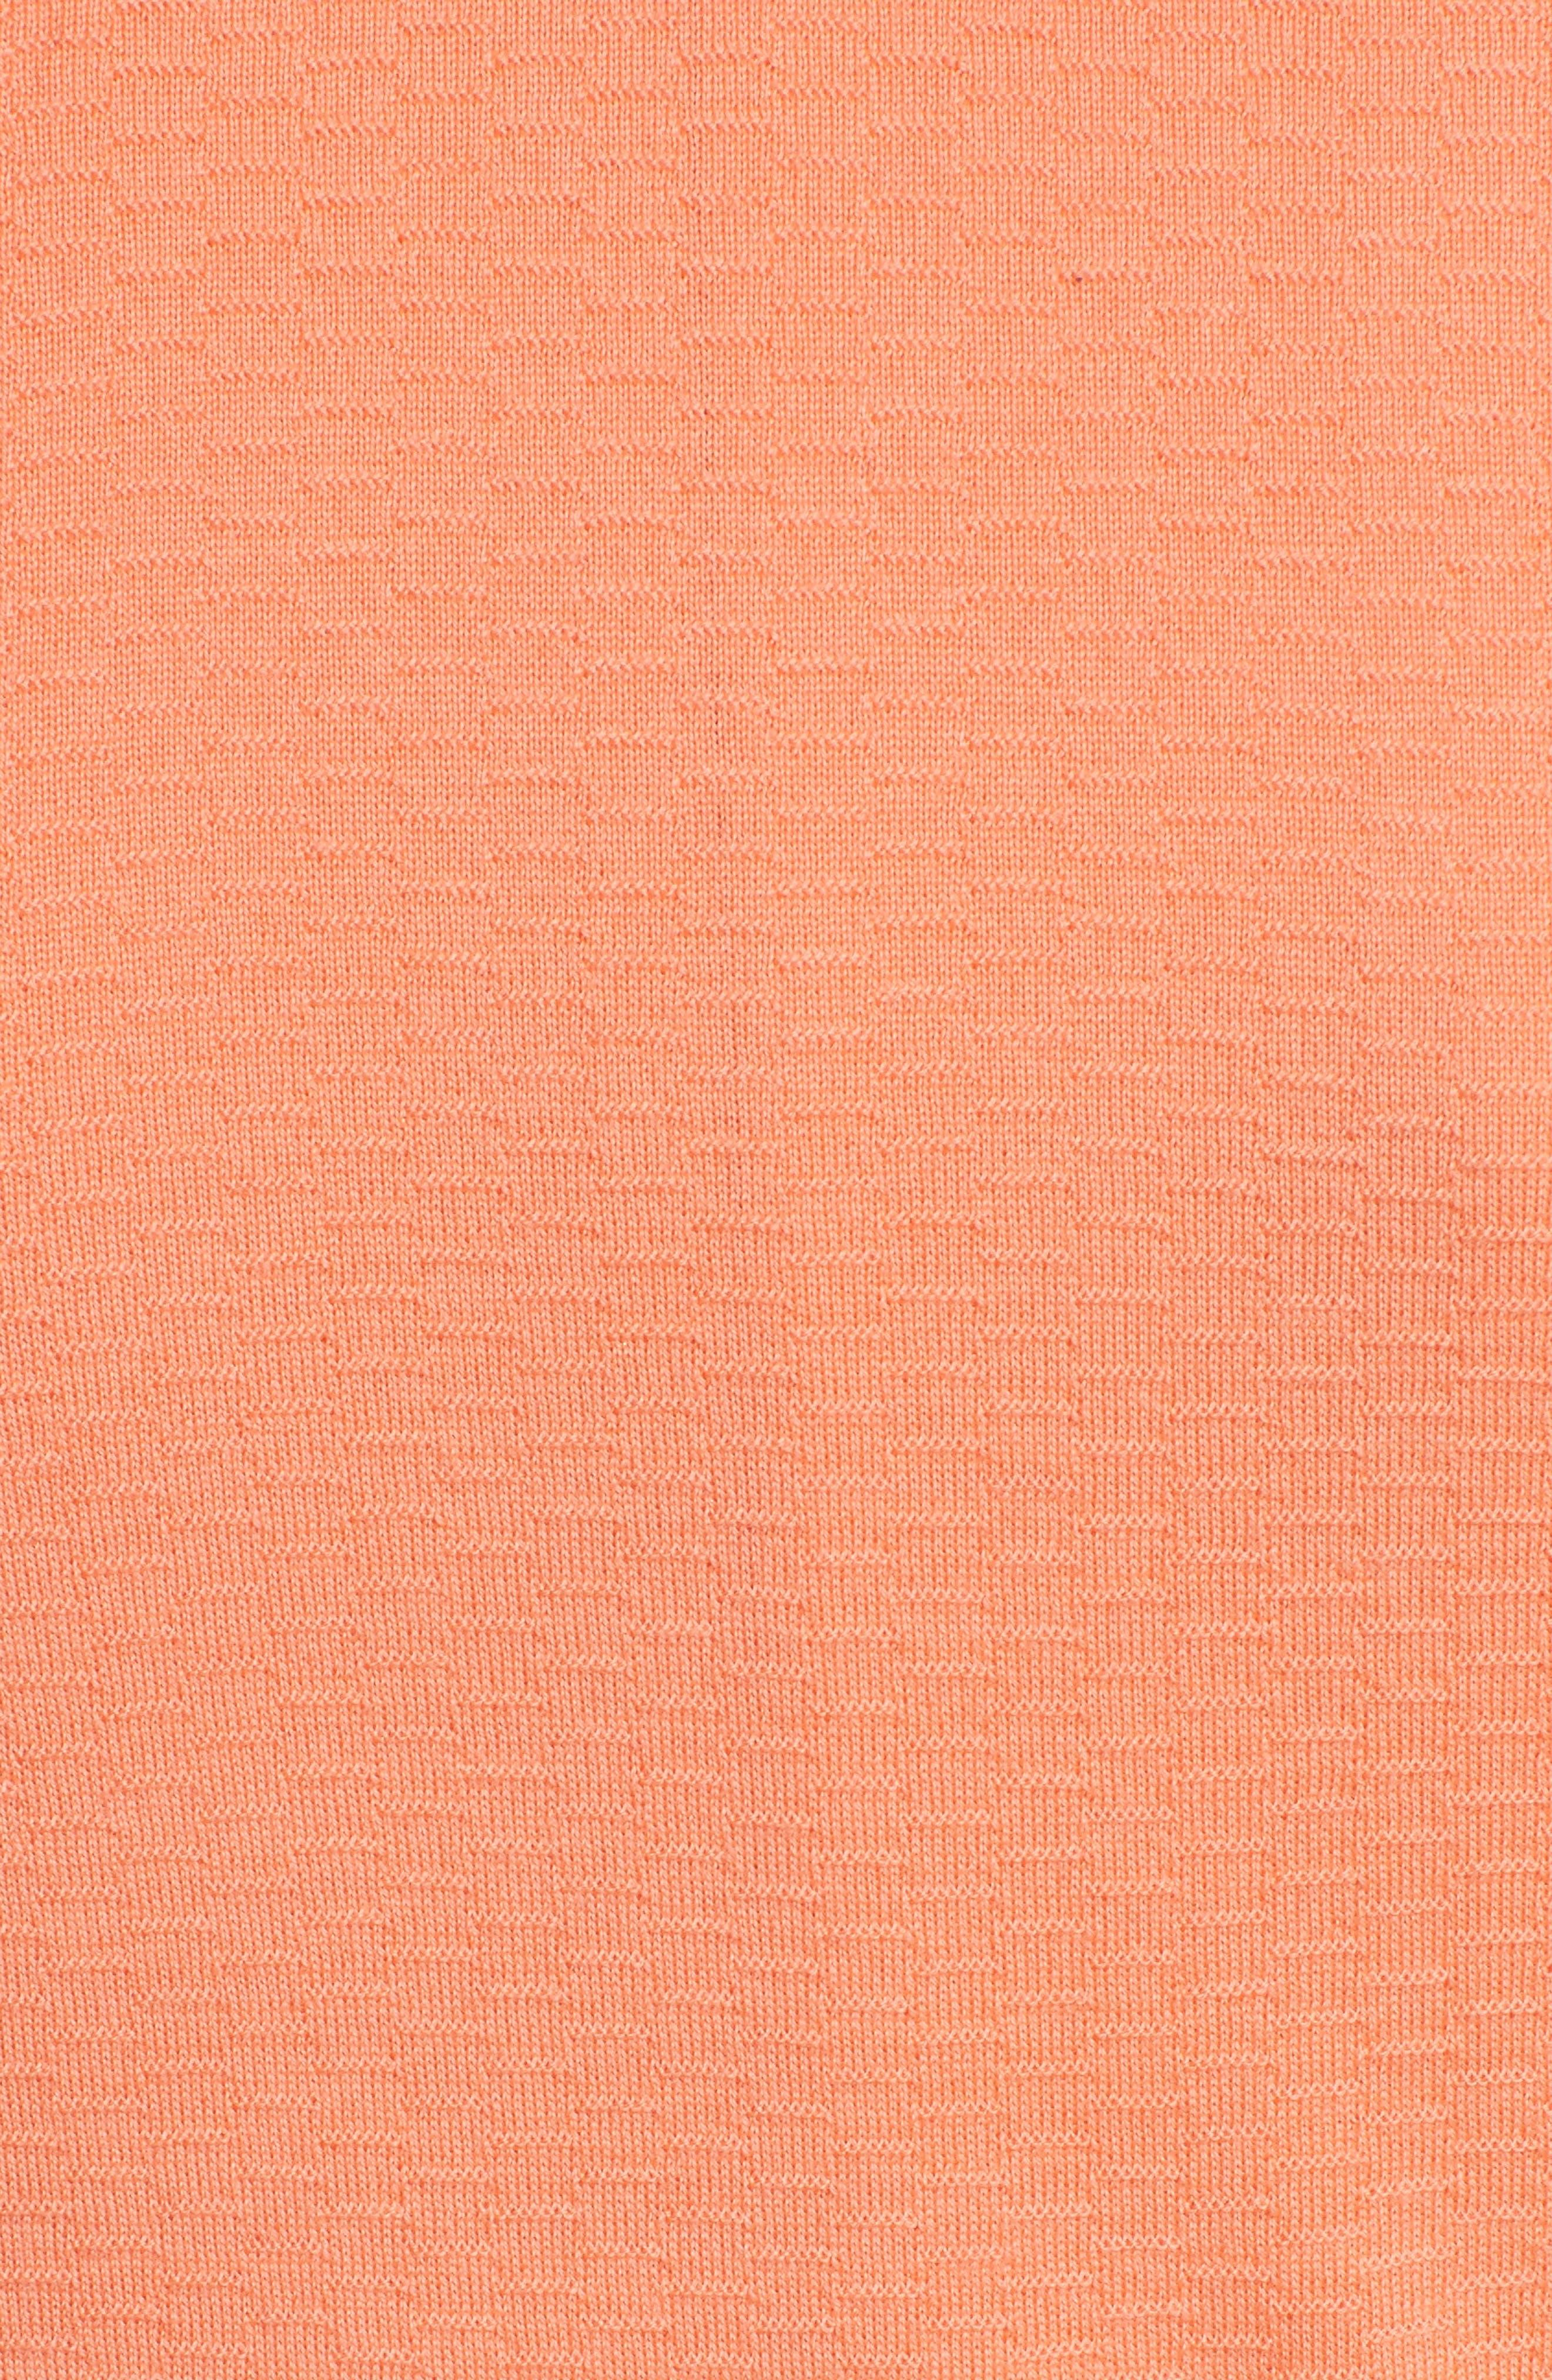 Feline Wool Peplum Cardigan,                             Alternate thumbnail 5, color,                             633